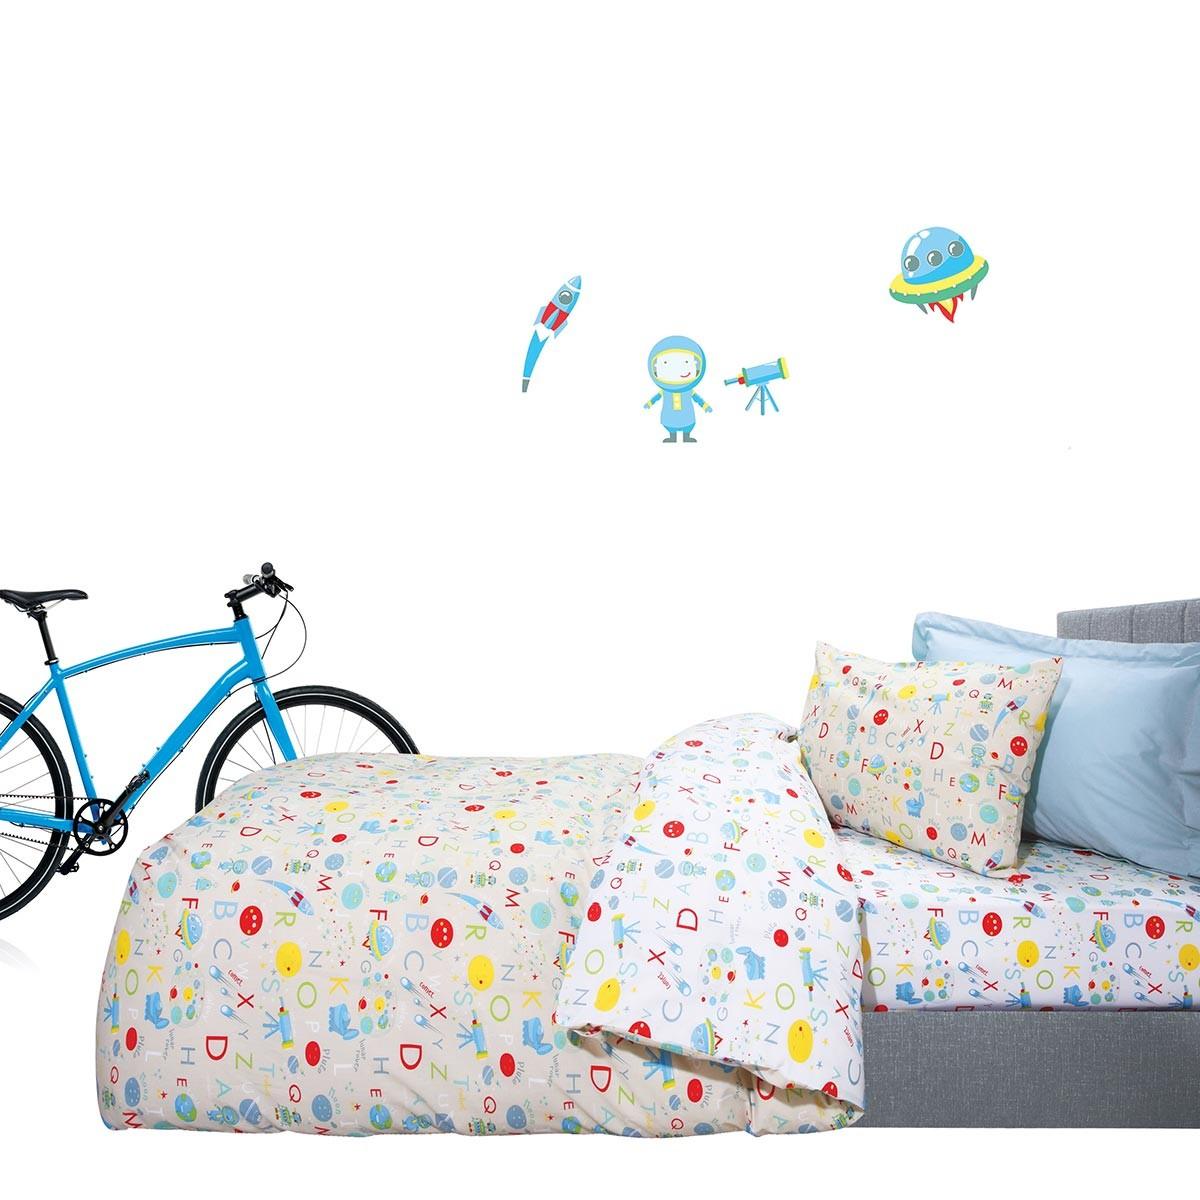 Σεντόνια Μονά (Σετ) Das Home Kid Prints 4593